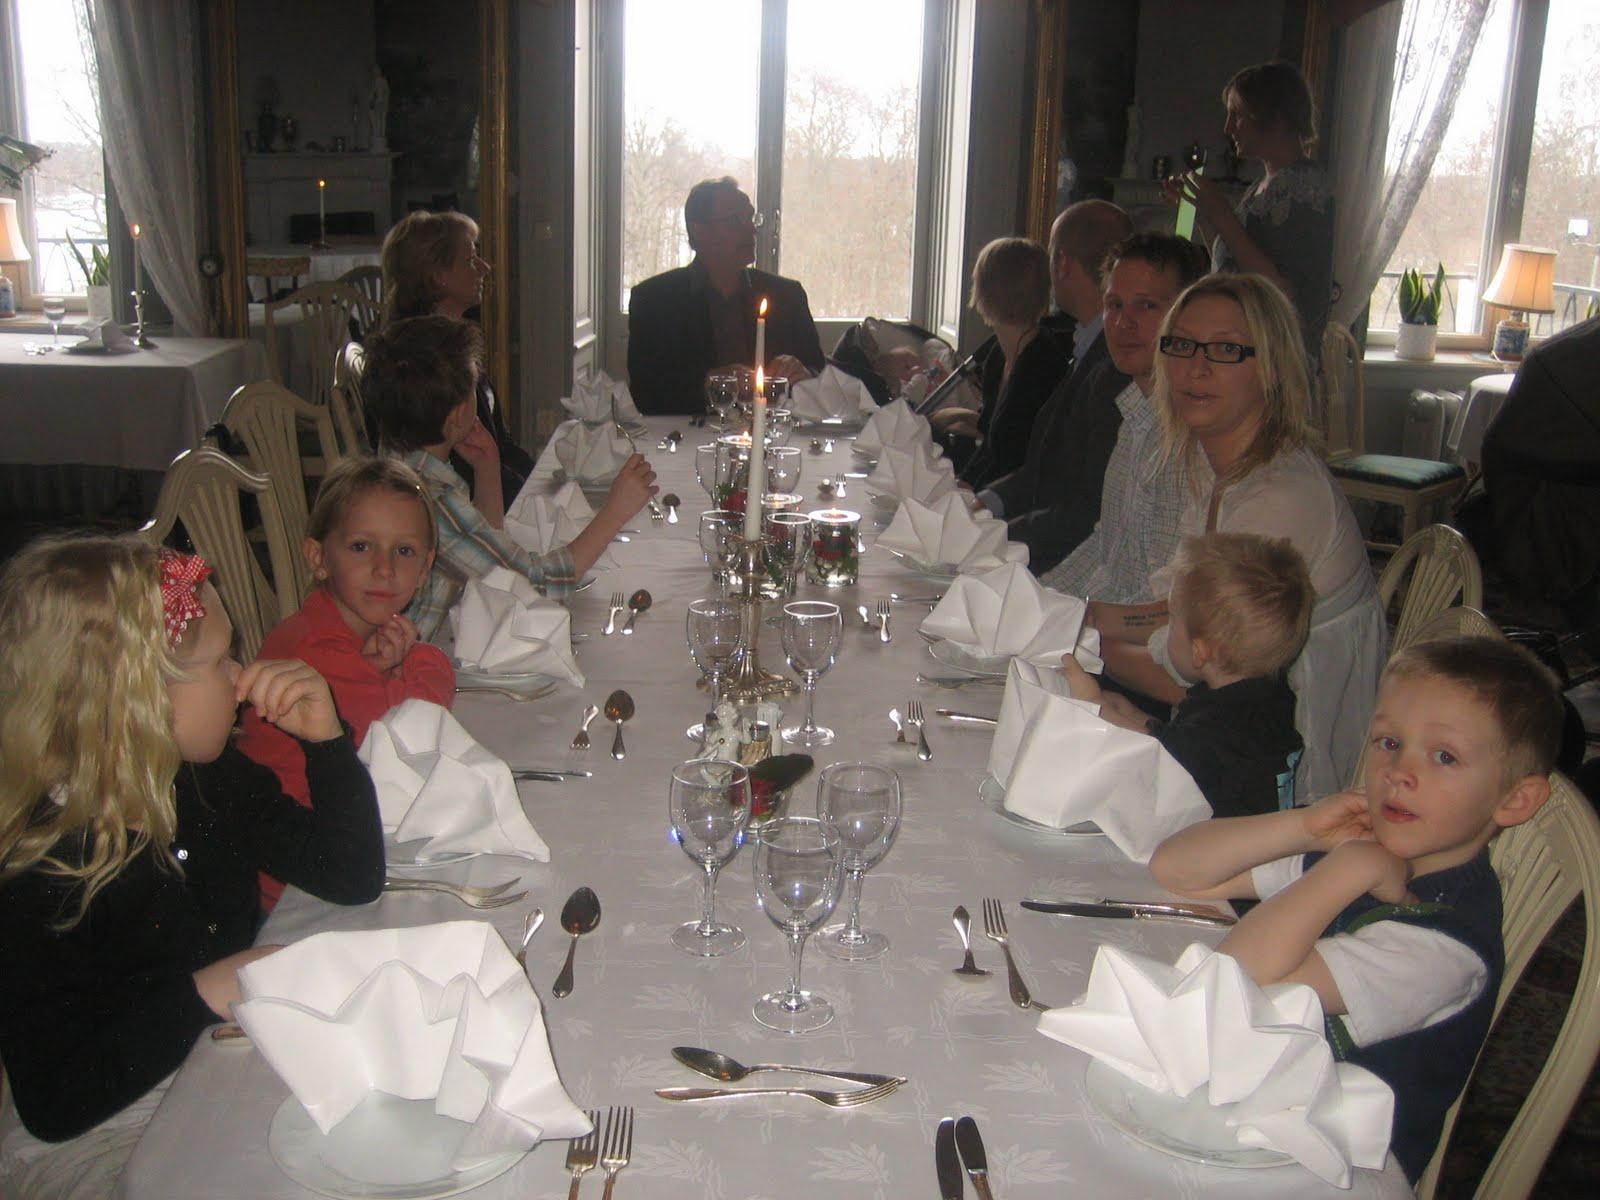 40 års middag mitt vita staket: 40 års fest och 60 års middag 40 års middag